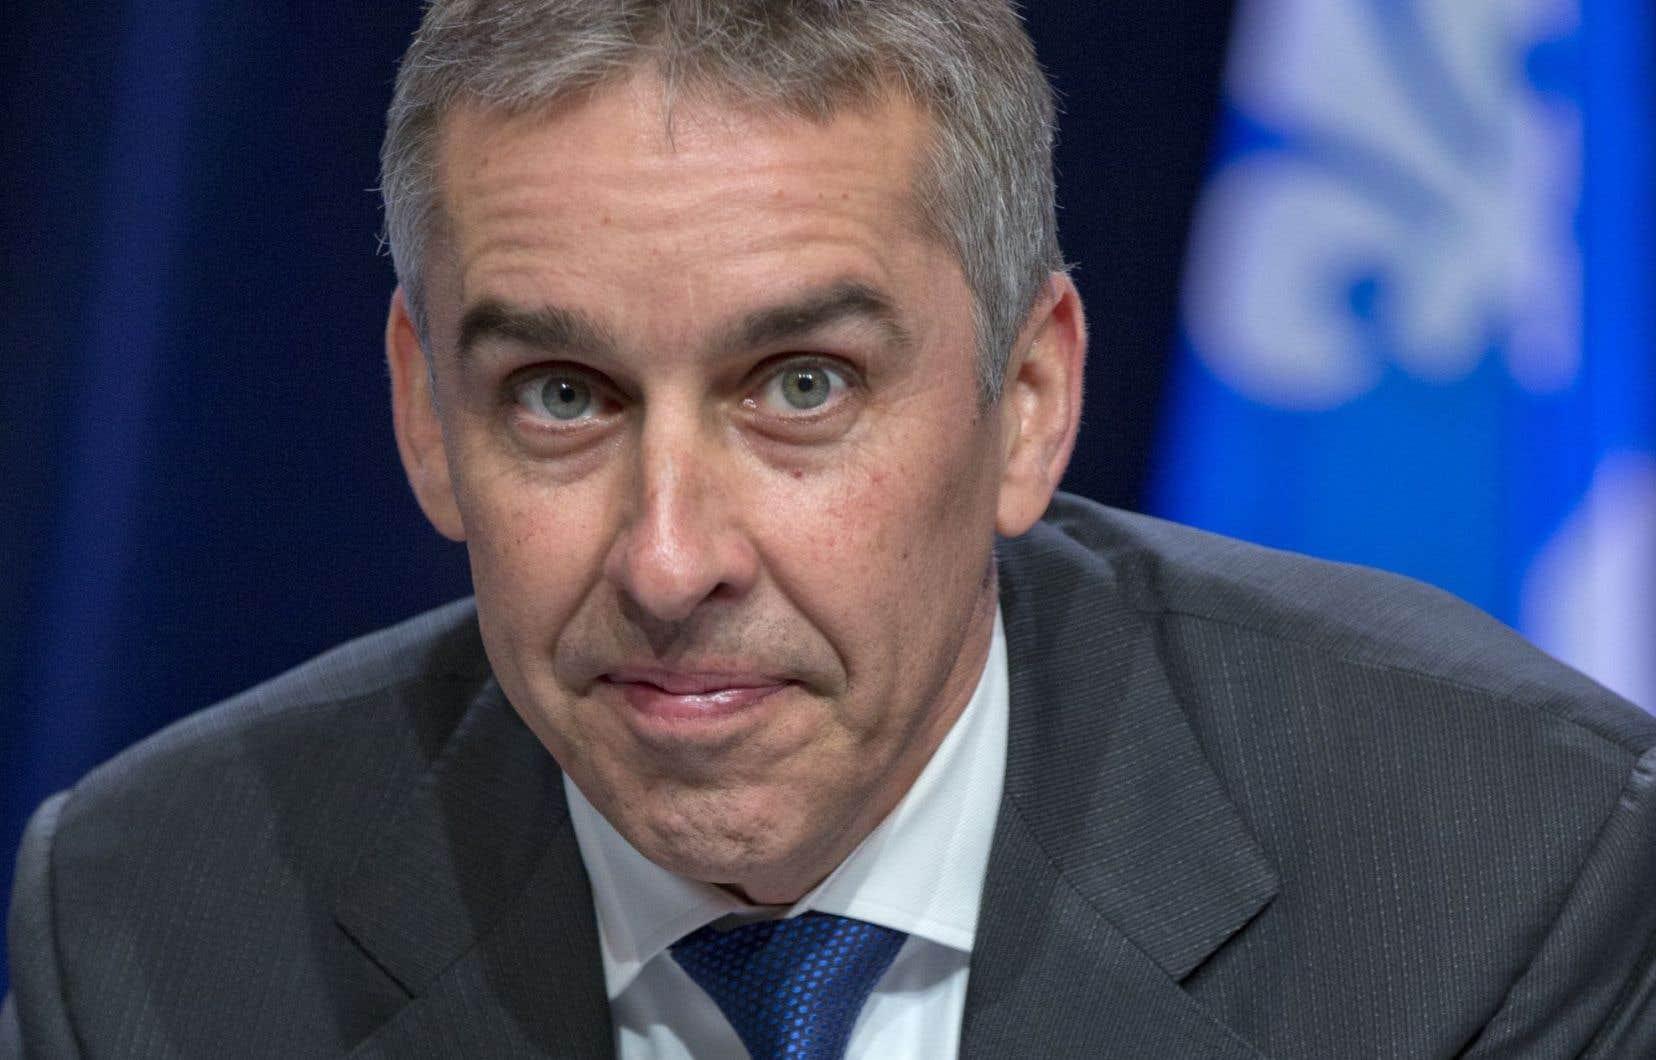 Le porte-parole péquiste en matière de finances publiques, Nicolas Marceau, a rappelé que le budget ne fait aucunement mention de la promesse électorale de 250000 emplois supplémentaires.